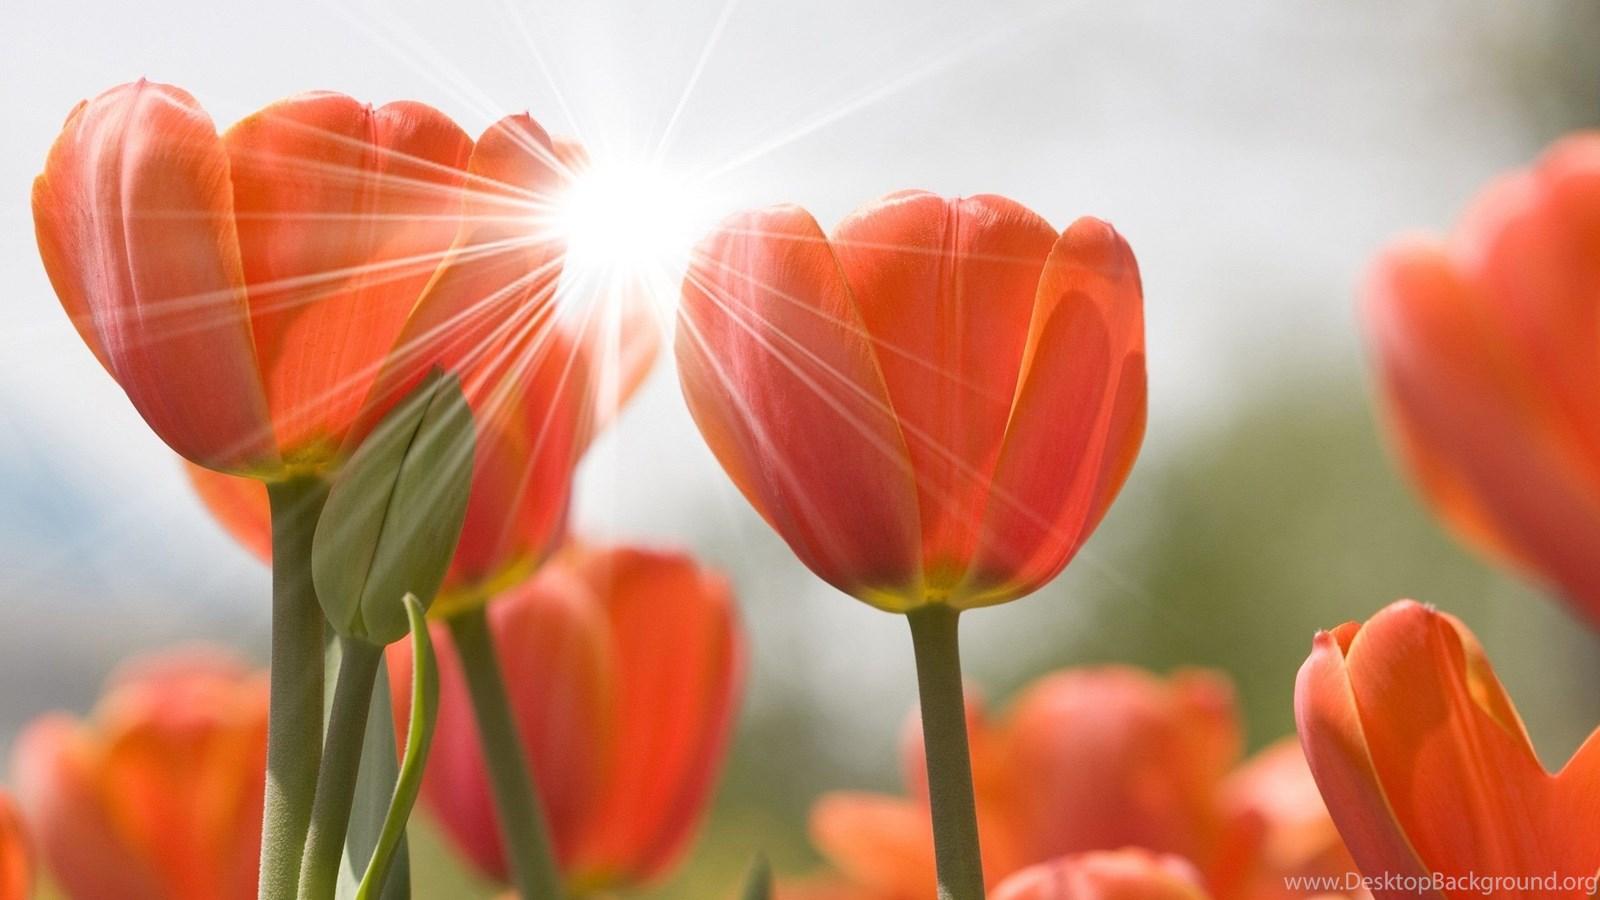 Hoa Tulip dưới ánh nắng mặt trời